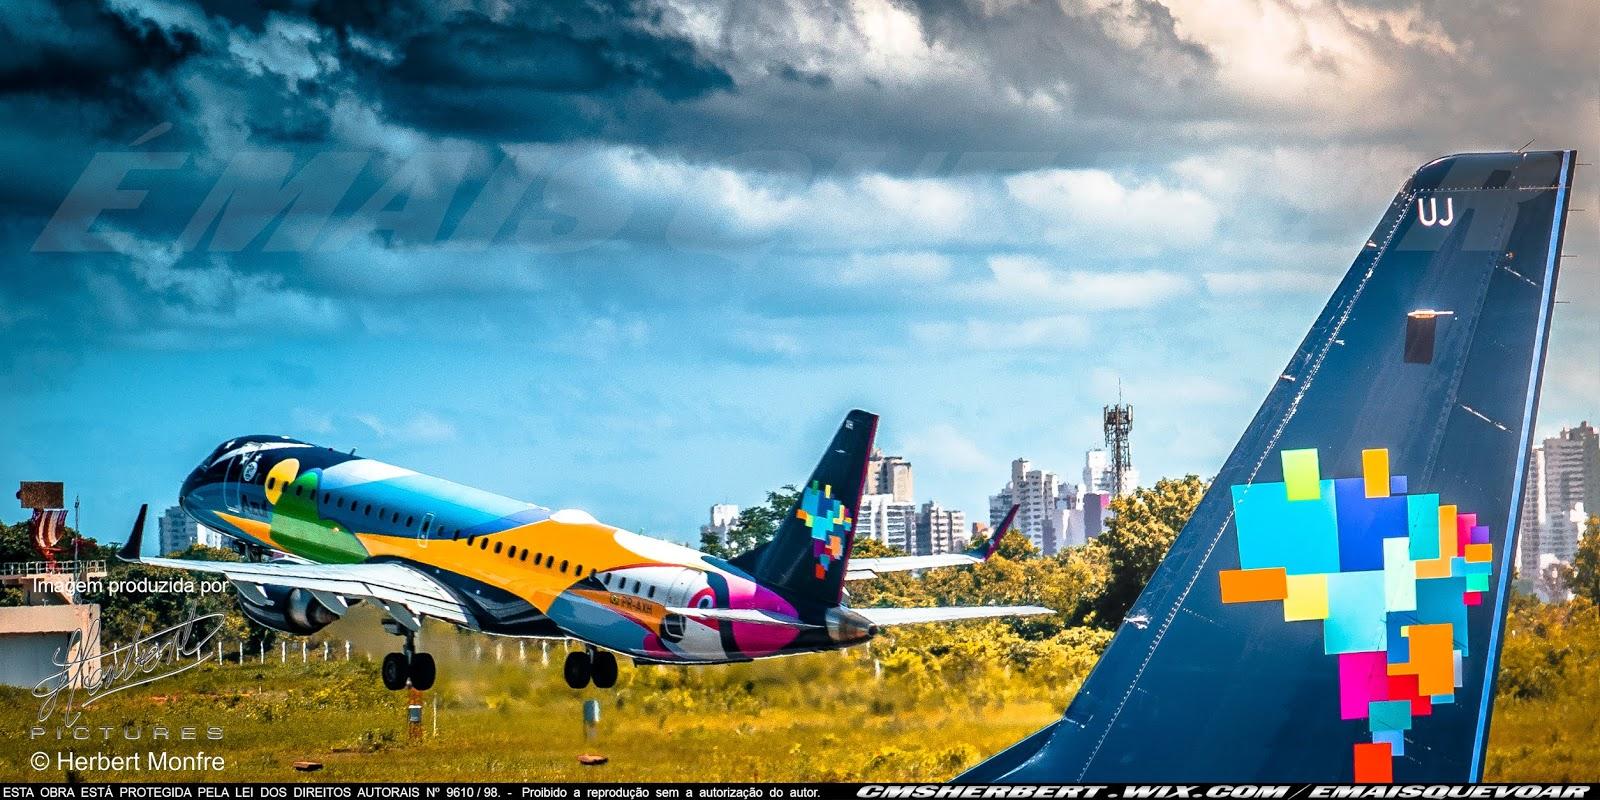 Azul terá dois mil voos extras durante a alta temporada de inverno | Foto © Herbert Monfre - É MAIS QUE VOAR